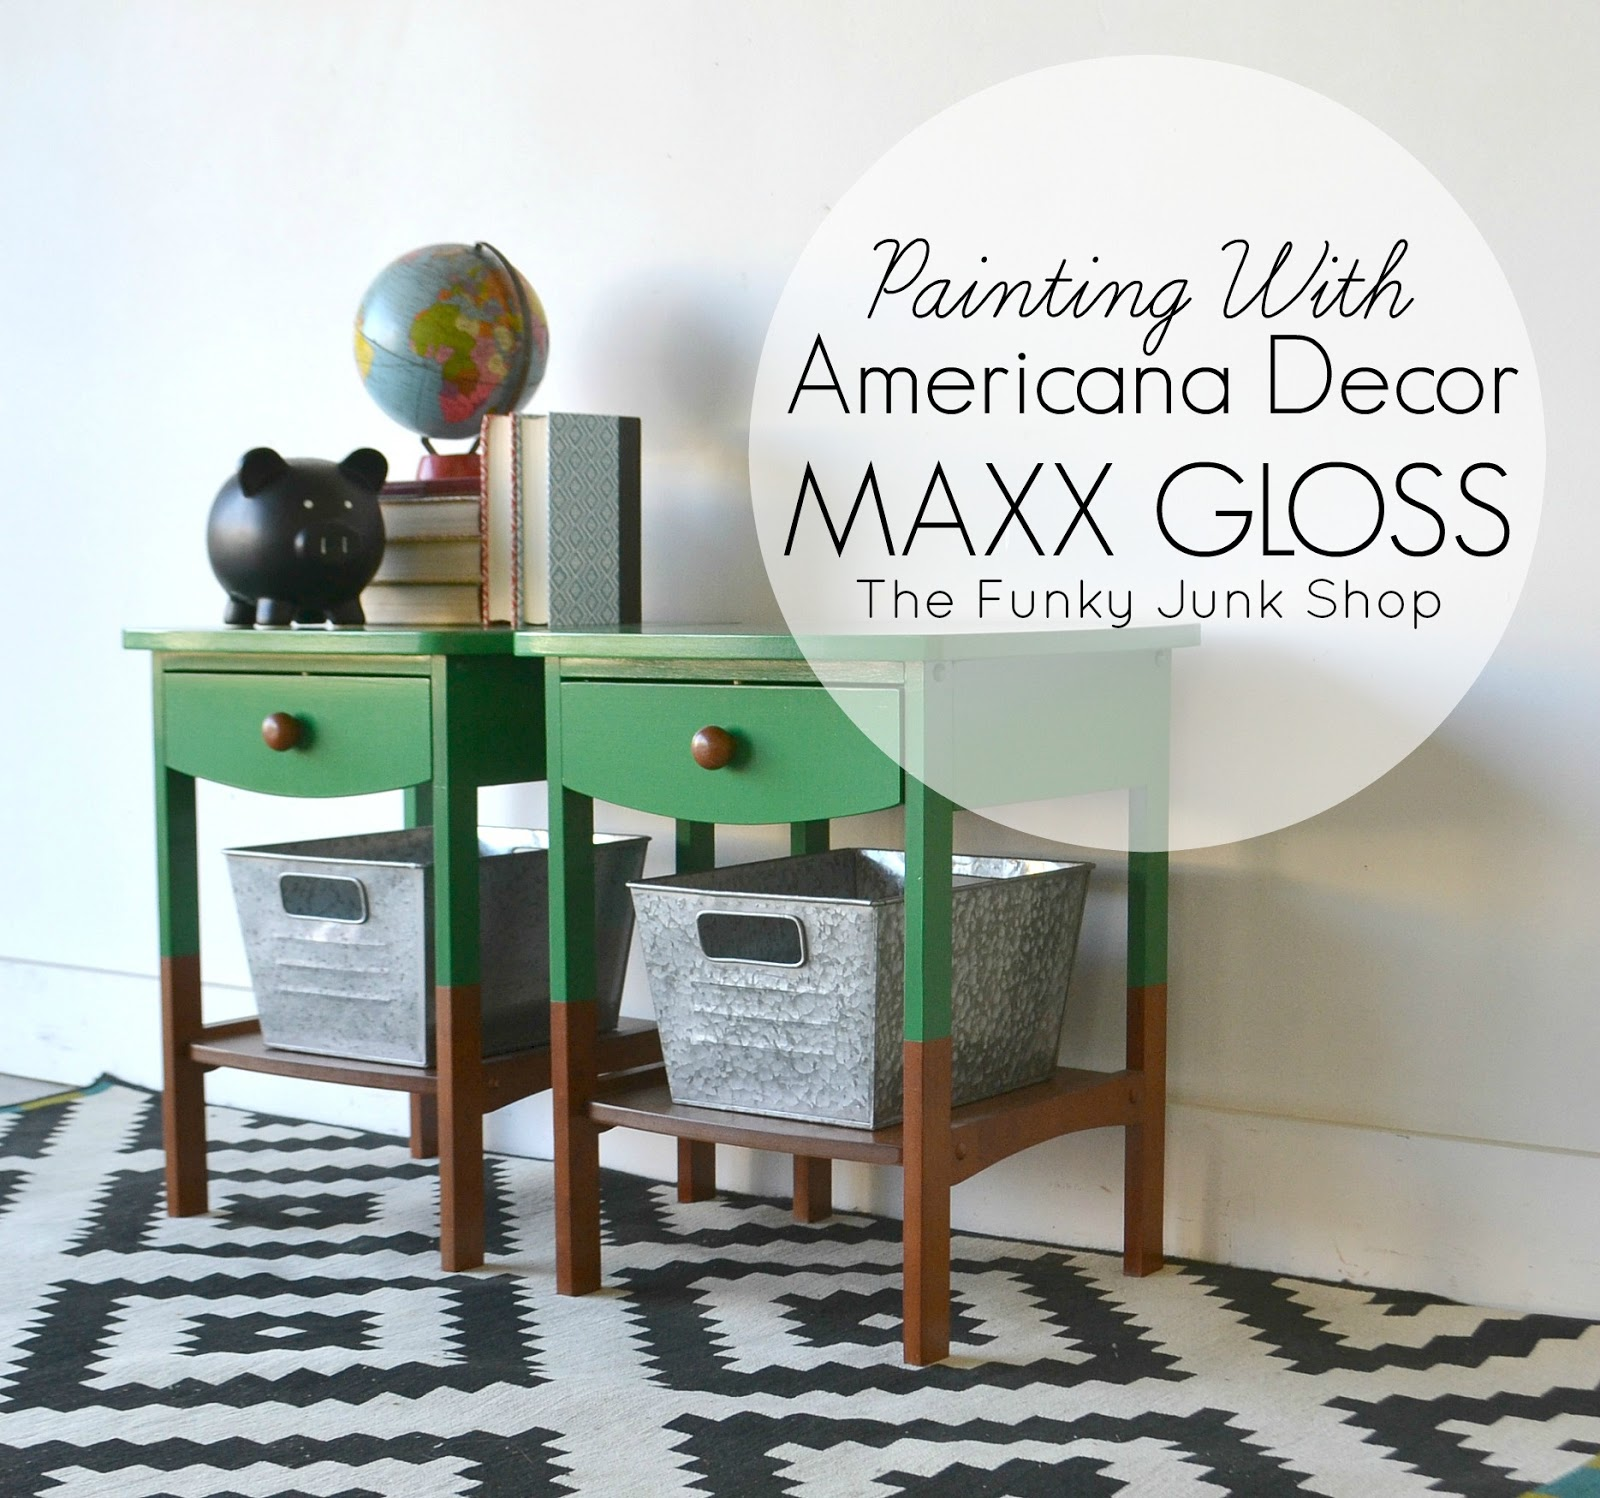 Americana Decor MAXX GLOSS